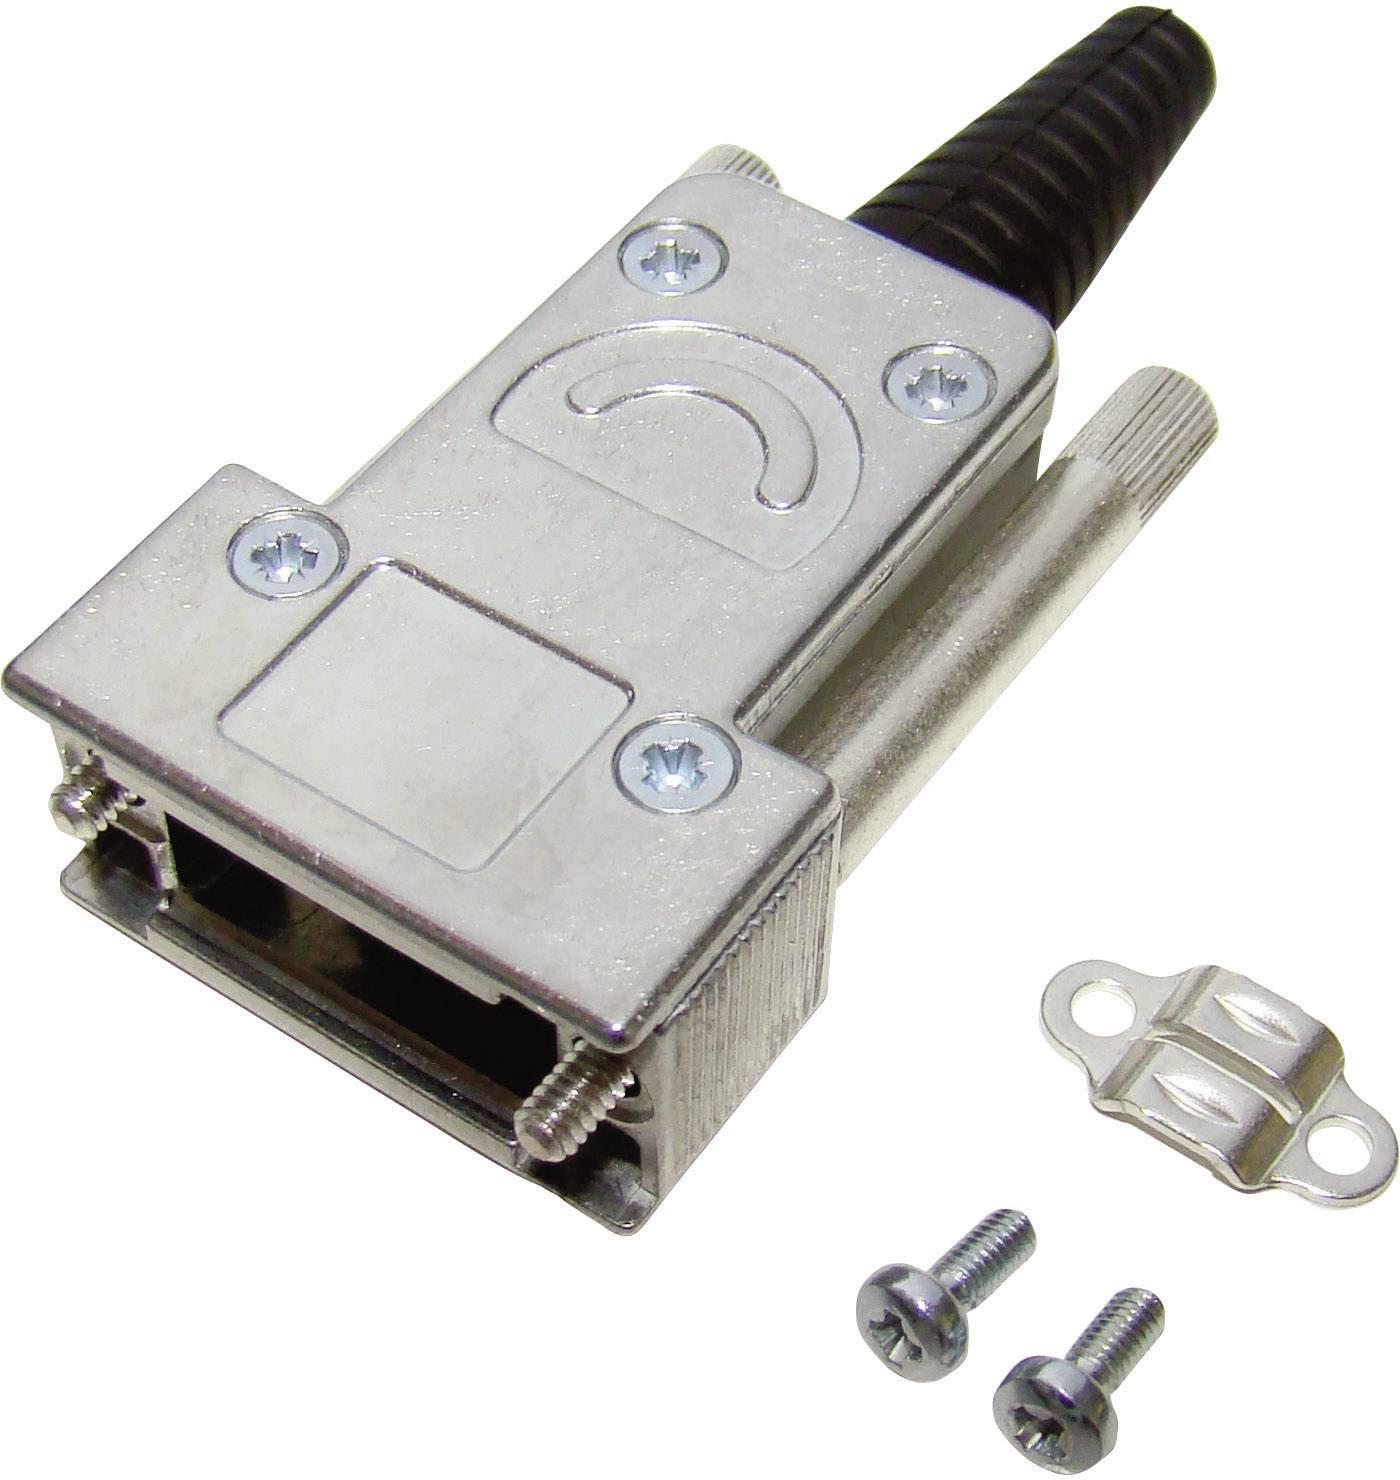 D-SUB pouzdro Provertha 117092DC50101 117092DC50101, Pólů: 9, kov, 180 °, stříbrná, 1 ks